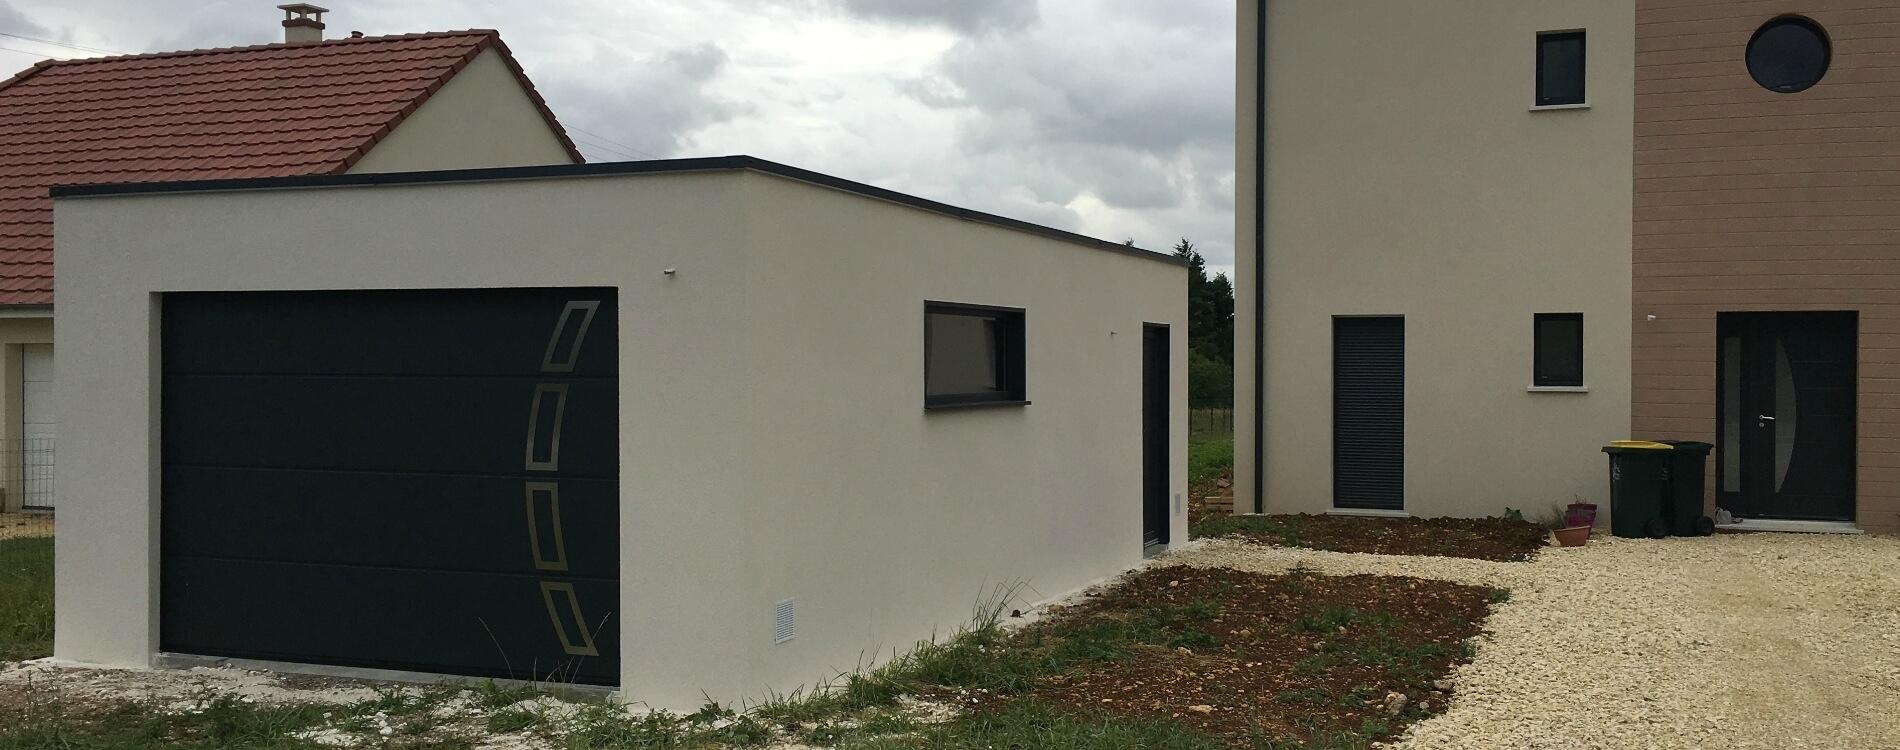 Abridis, Doizon, Spécialiste Des Annexes De Jardin - Nantes ... intérieur Abri De Jardin Prefabrique En Beton